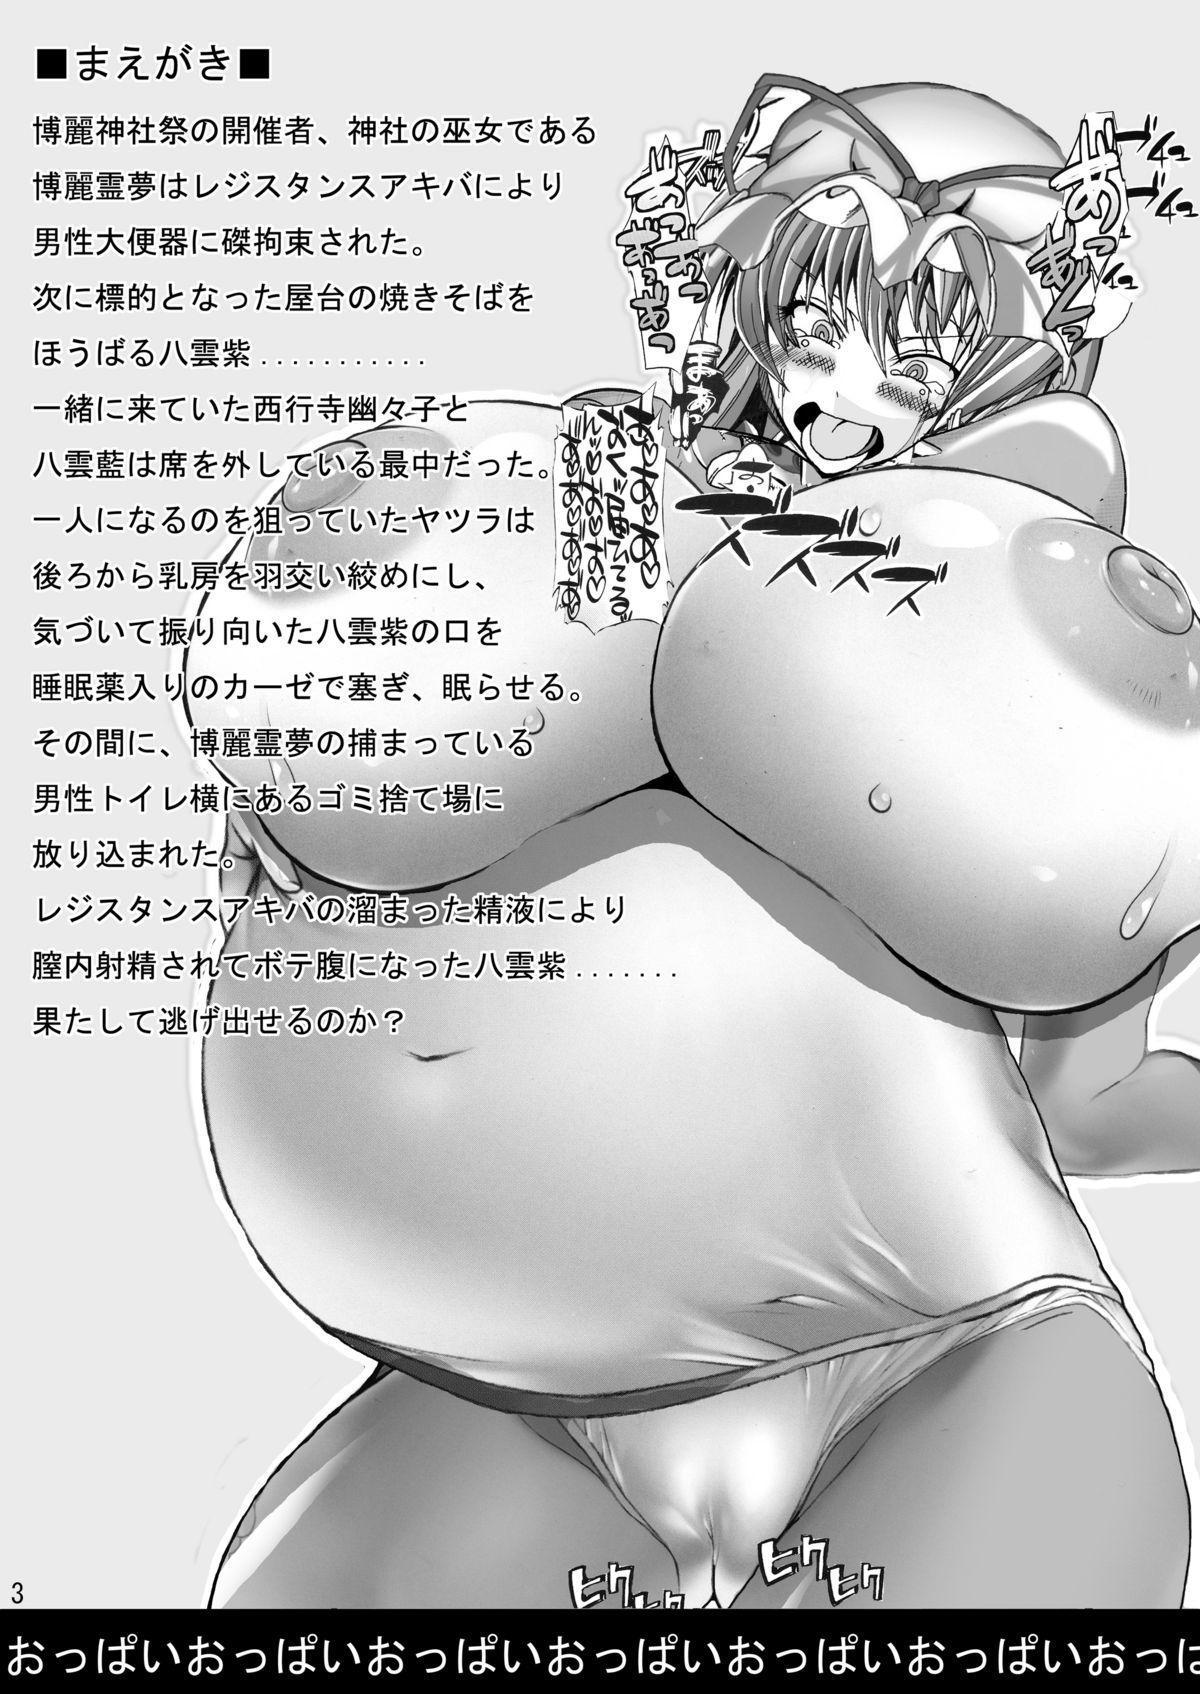 Touhou Chichi Nikusai Vol. 2 1